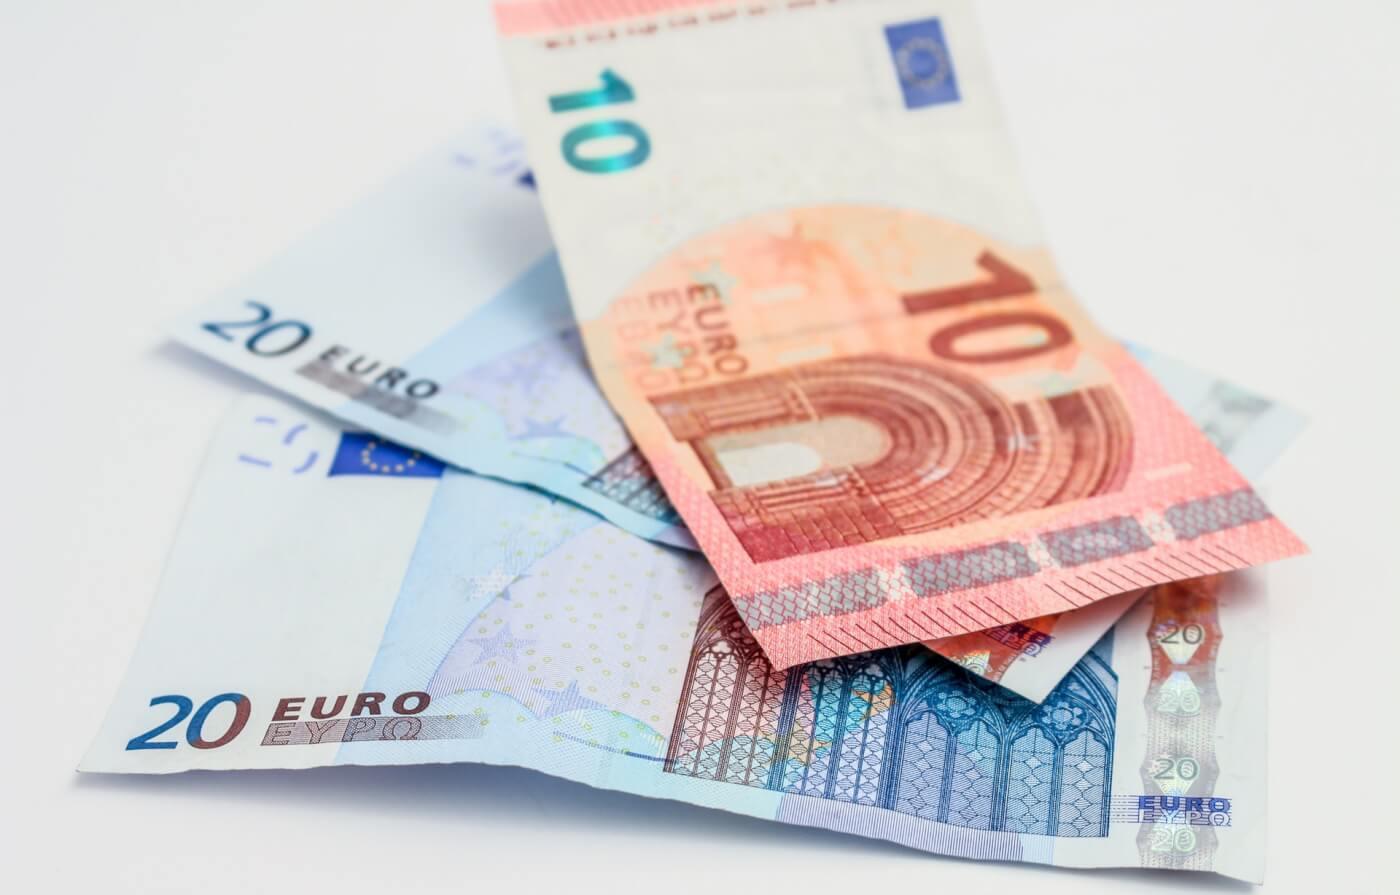 3 praktische Finanz-Apps im Check [Video]